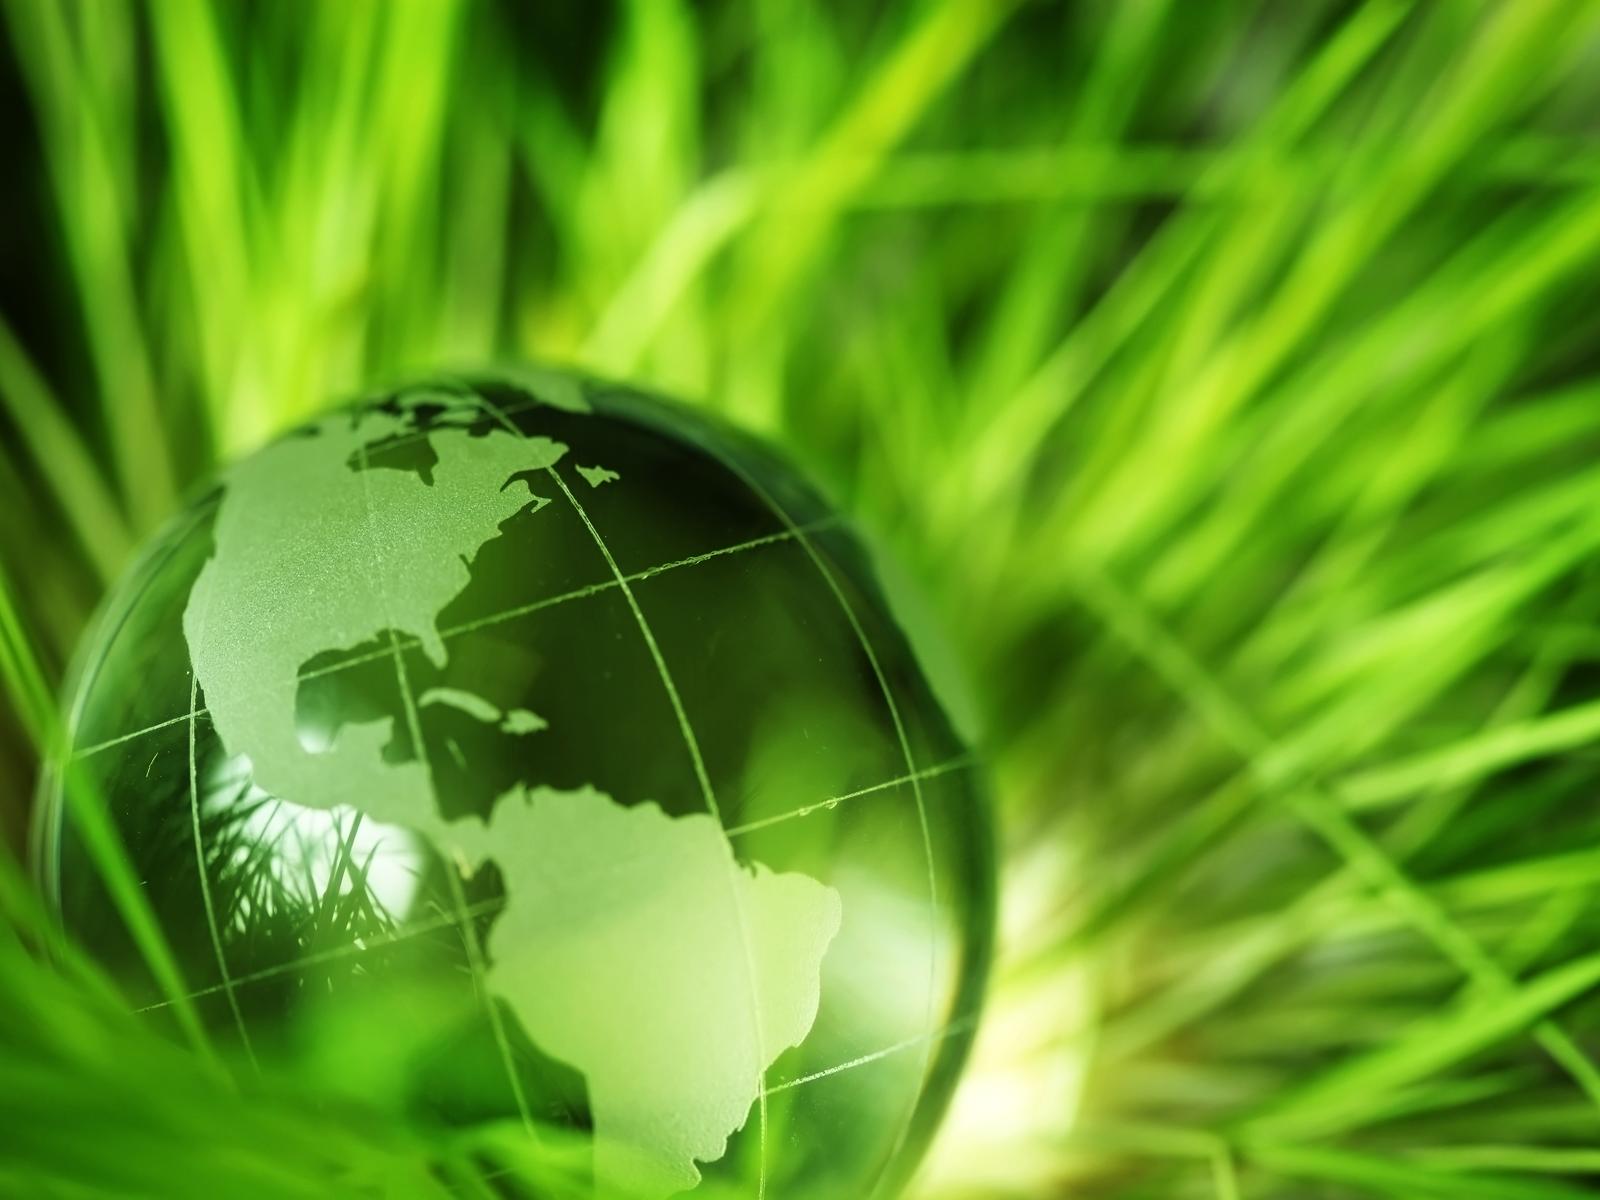 ۱۰ تکنولوژی سبز که زمین را متحول خواهد کرد